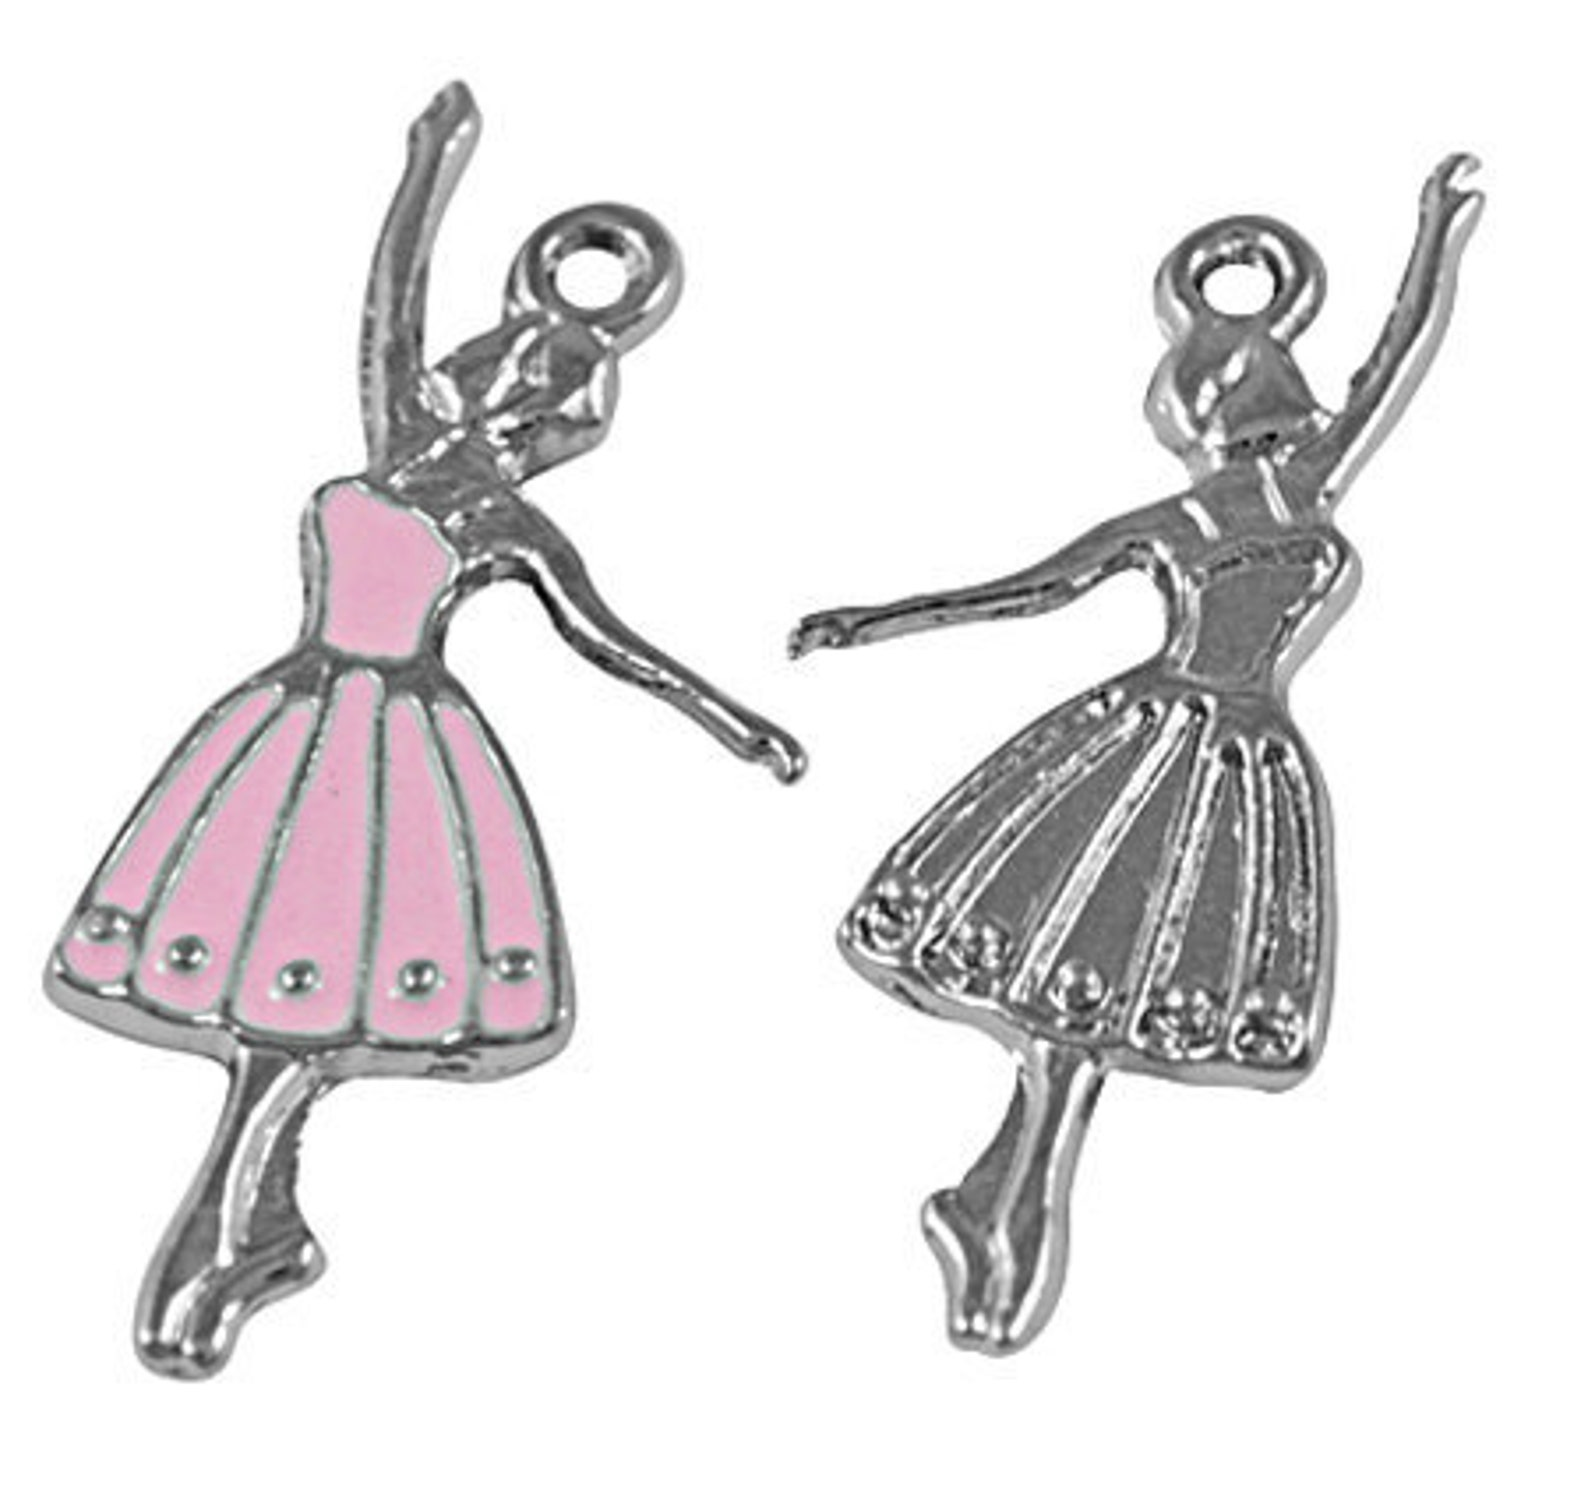 1 pink ballerina dancer ballet charm pendant 31x14mm che0002a